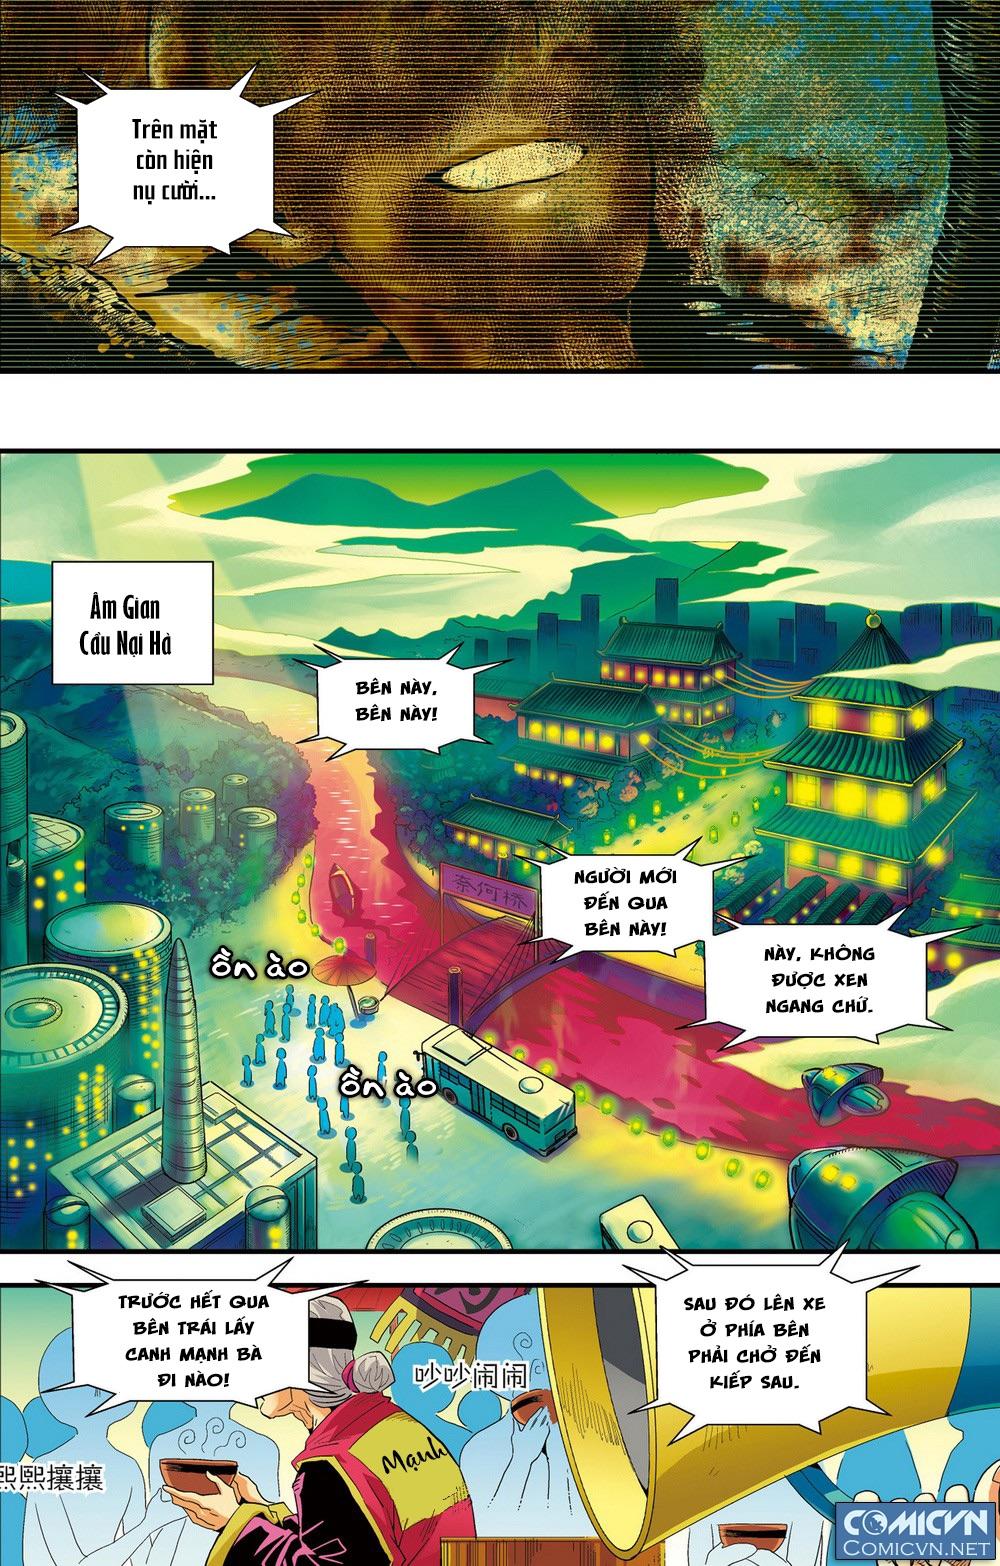 Hồi đáo Minh Triều đương Vương Gia - Chapter 1 - Pic 5